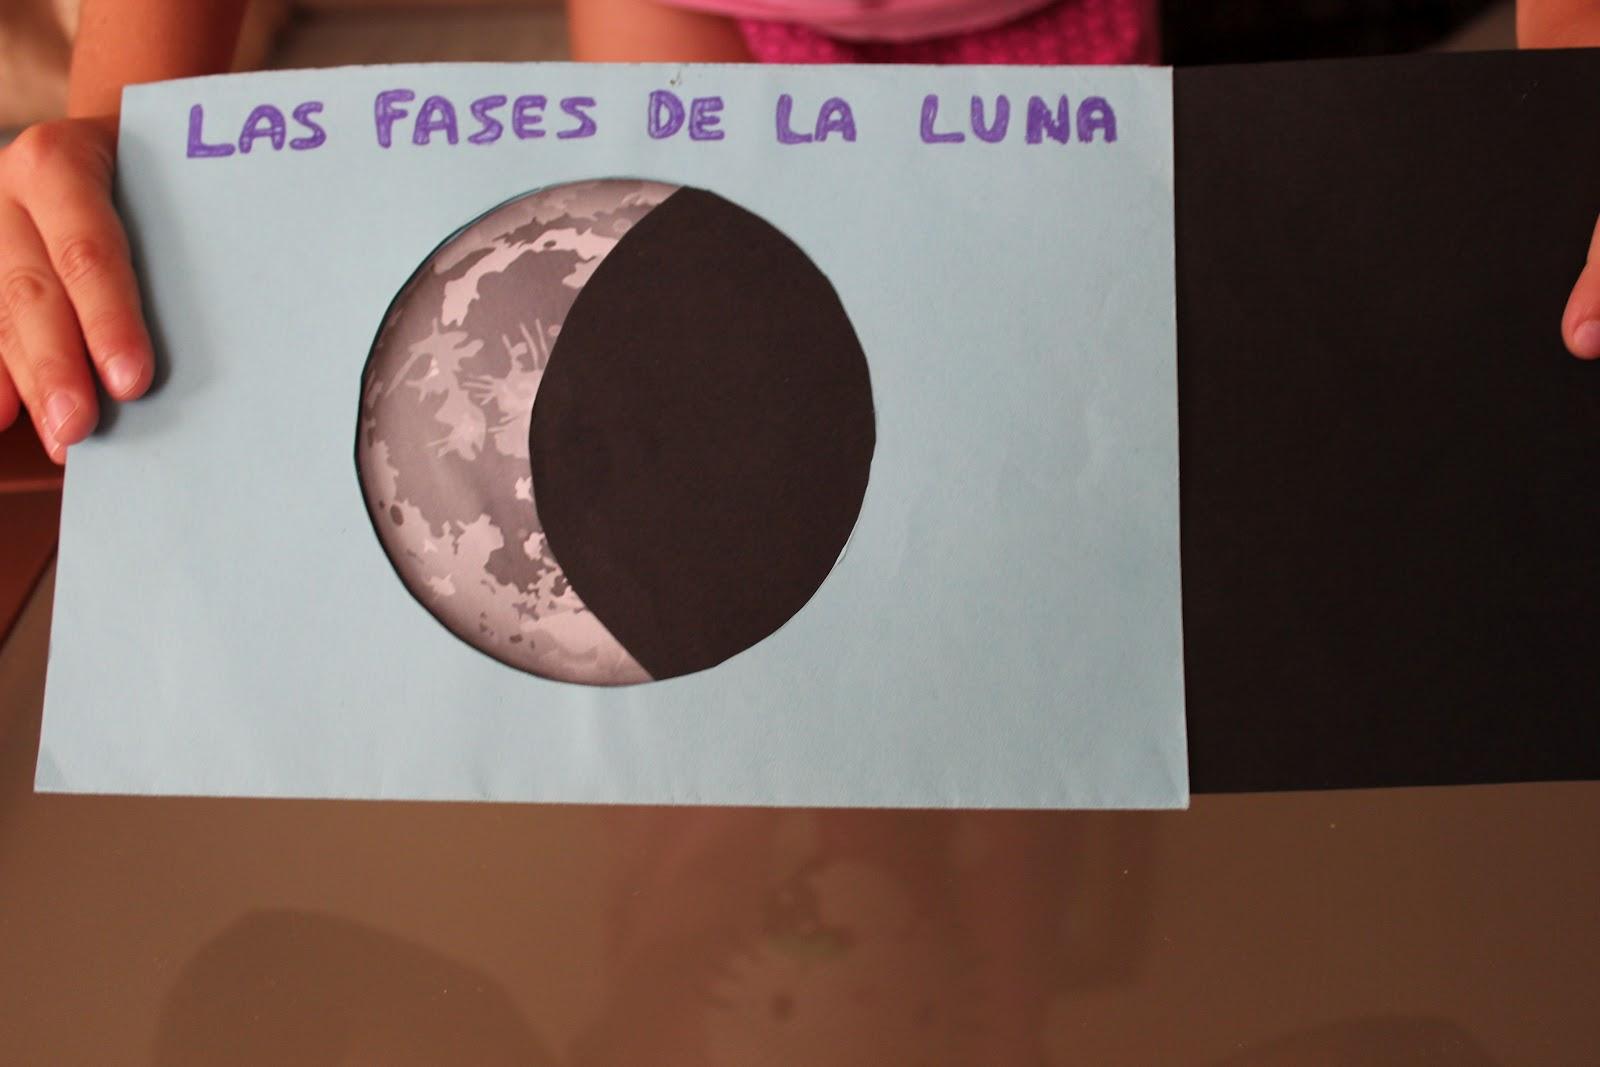 Daniela art attack las fases de la luna - Videos de art attack manualidades ...